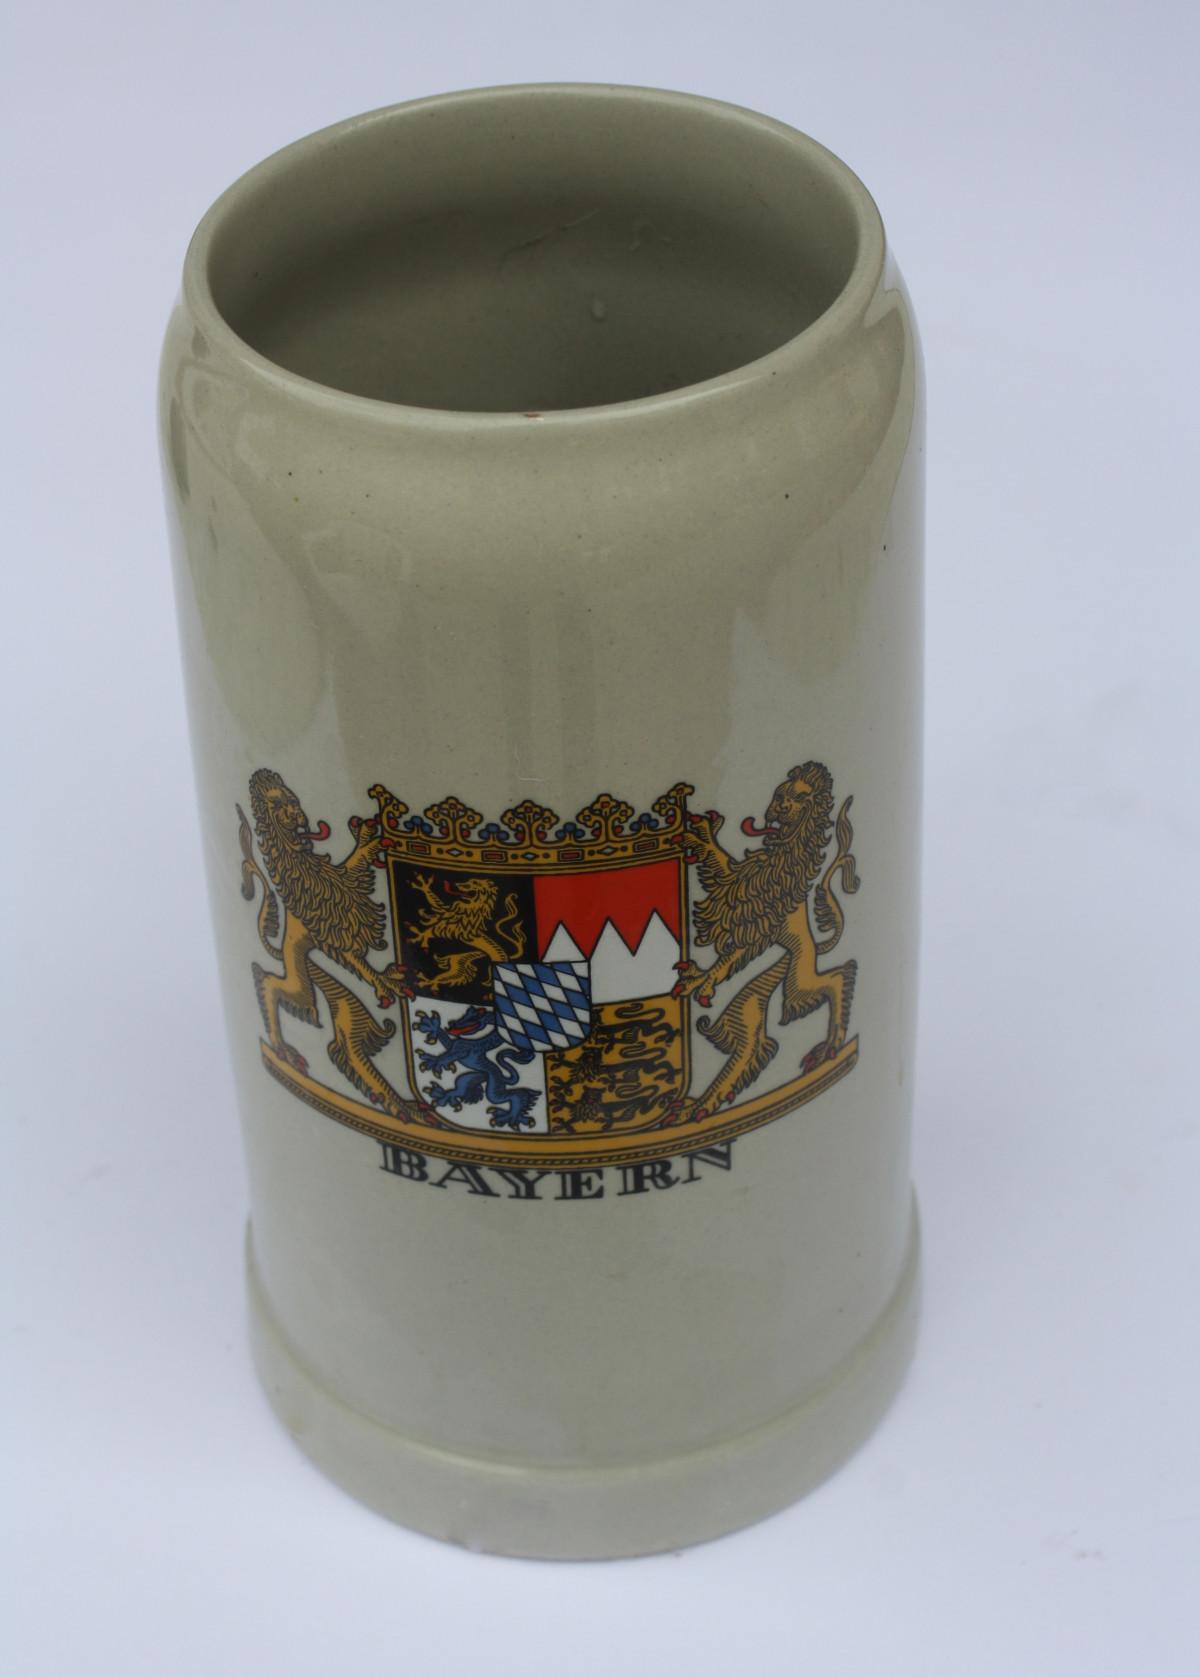 Free Images Vintage Antique House Old Vase